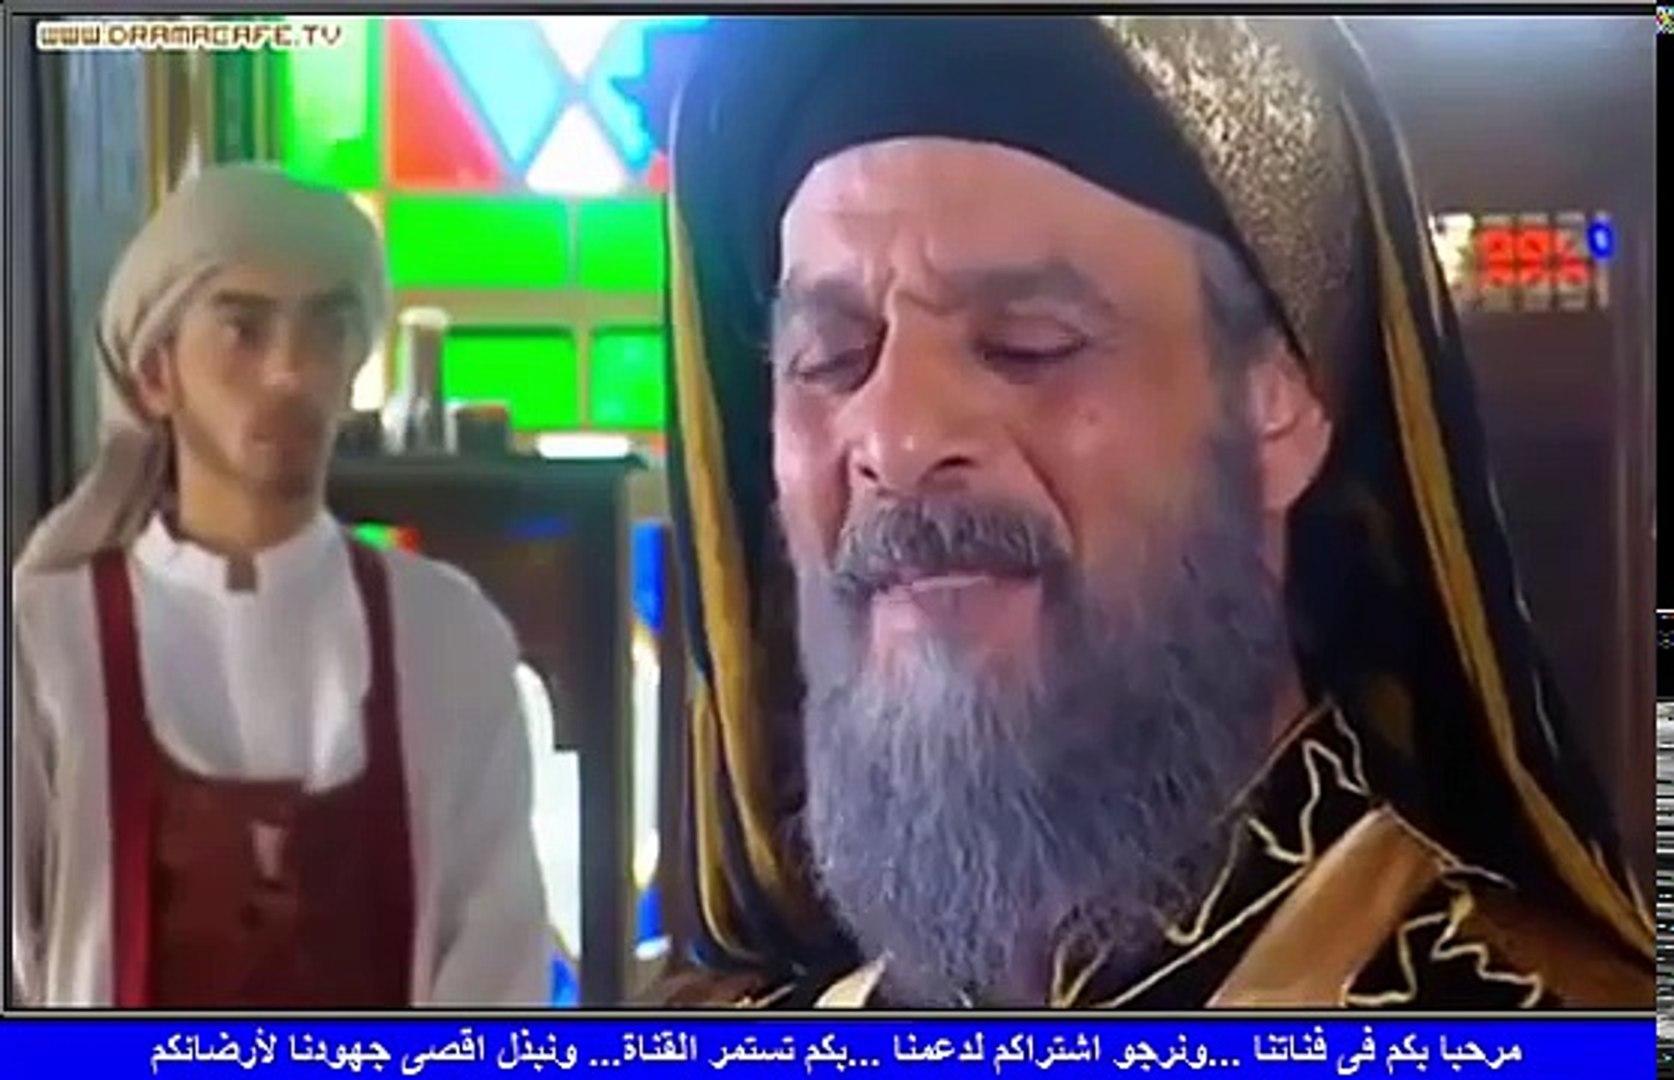 مسلسل الحجاج بن يوسف الثقفى الحلقة العاشرة كاملة من 1 35 الاخيرة Youtube